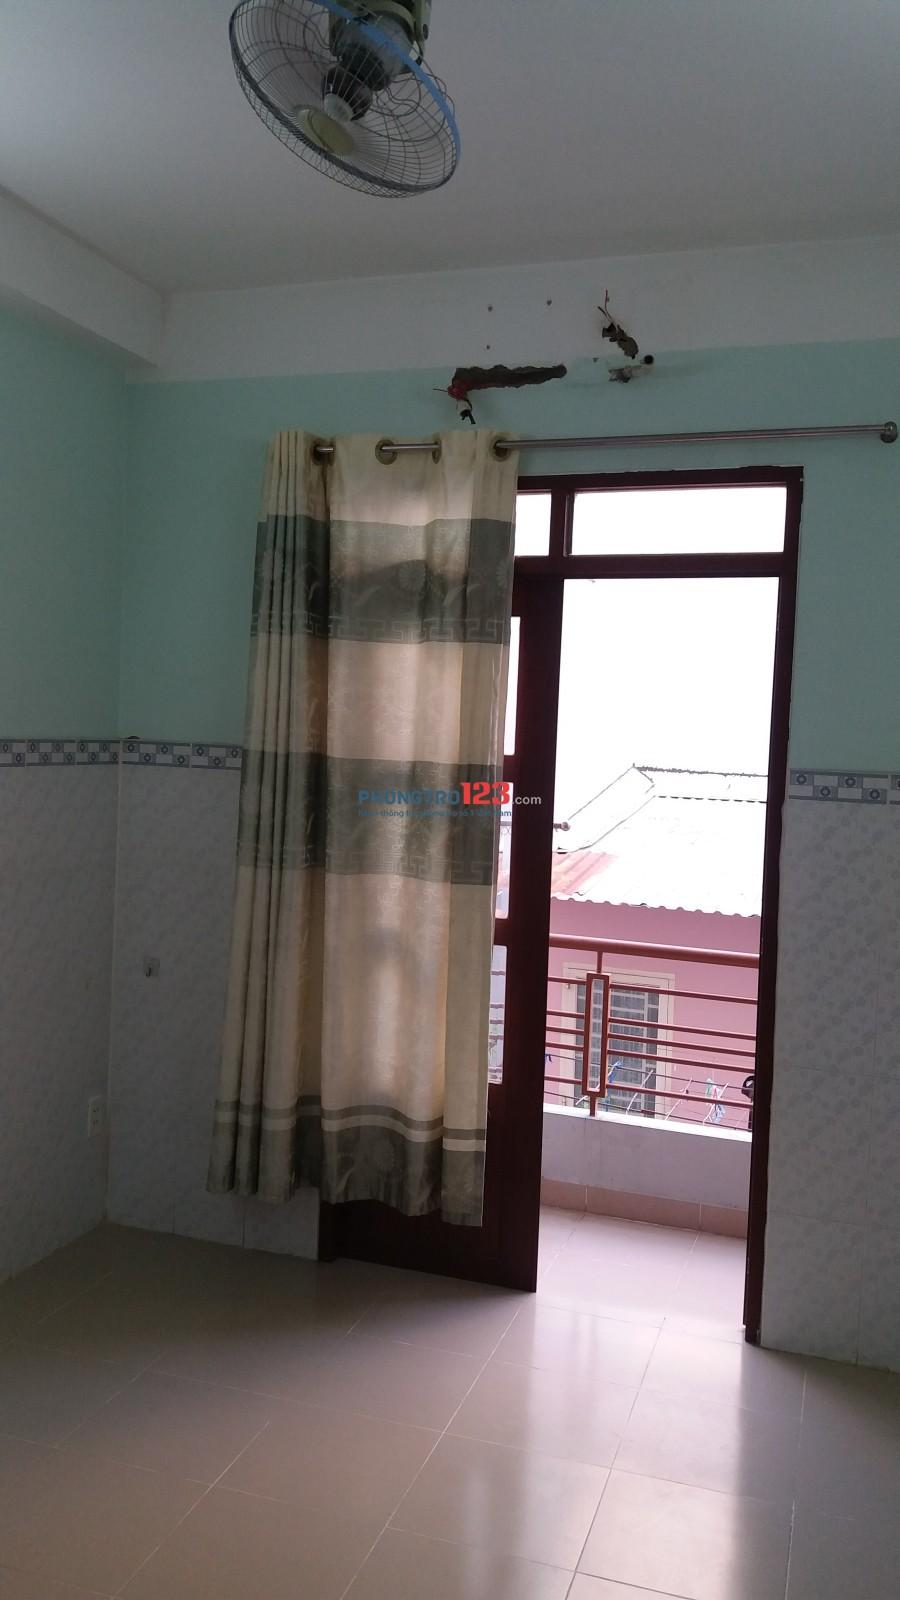 Cho thuê phòng 16 m2 đường CMT8, P.11, Q.3. Giá 3,2 triệu